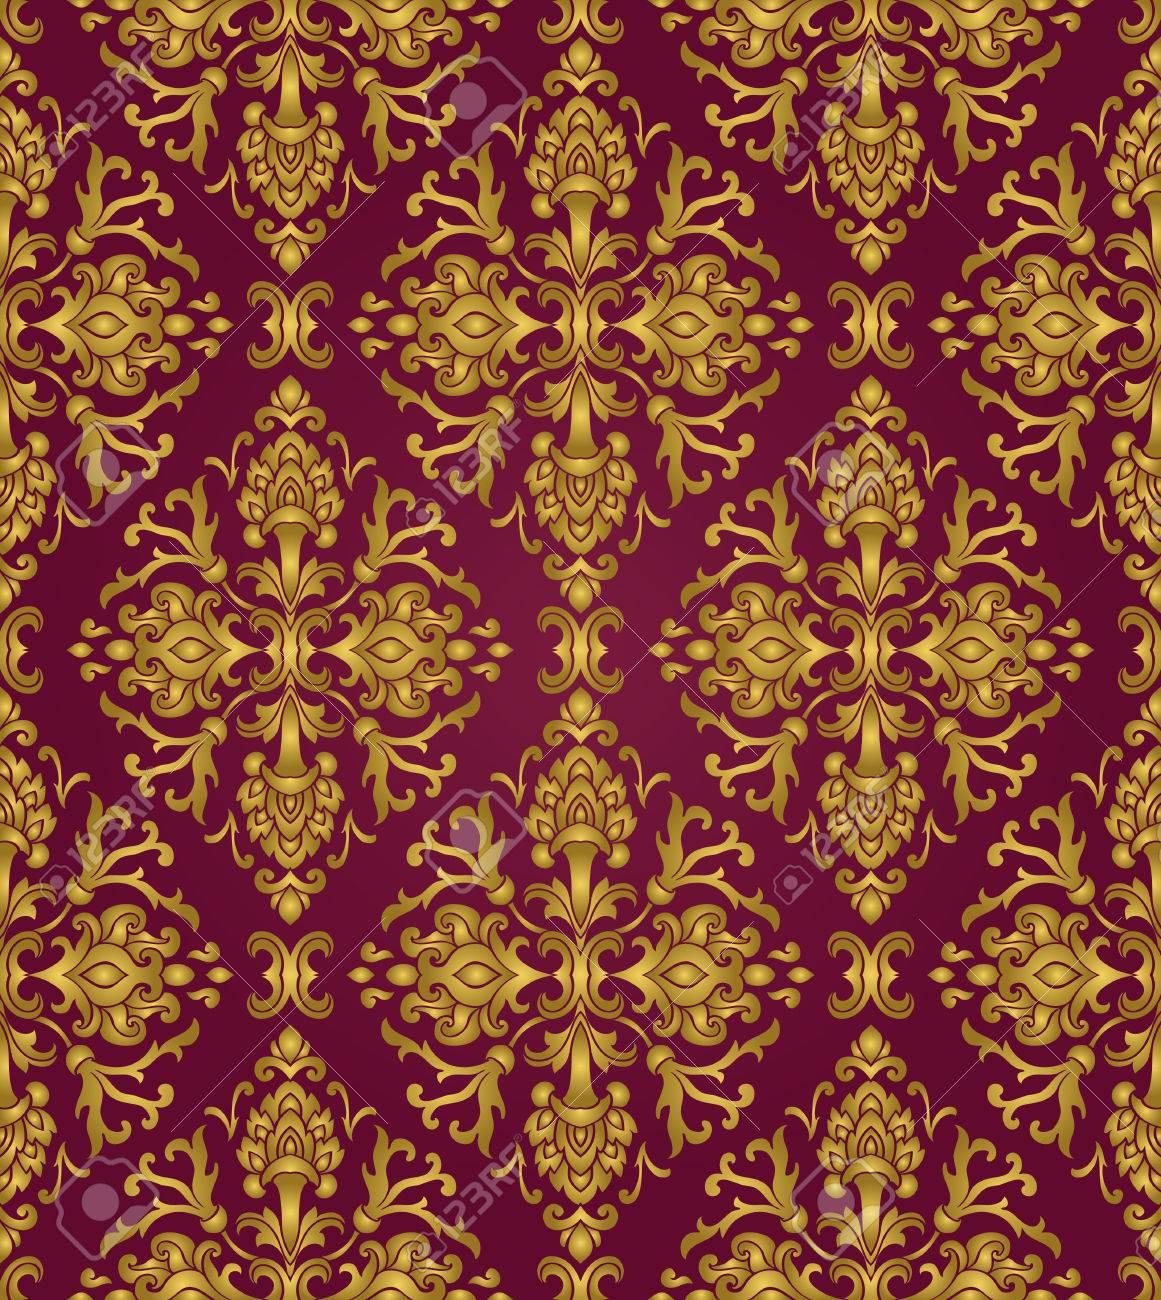 Ornement Floral En Or Et Lilas Modele Pour Tapis Oriental Textile